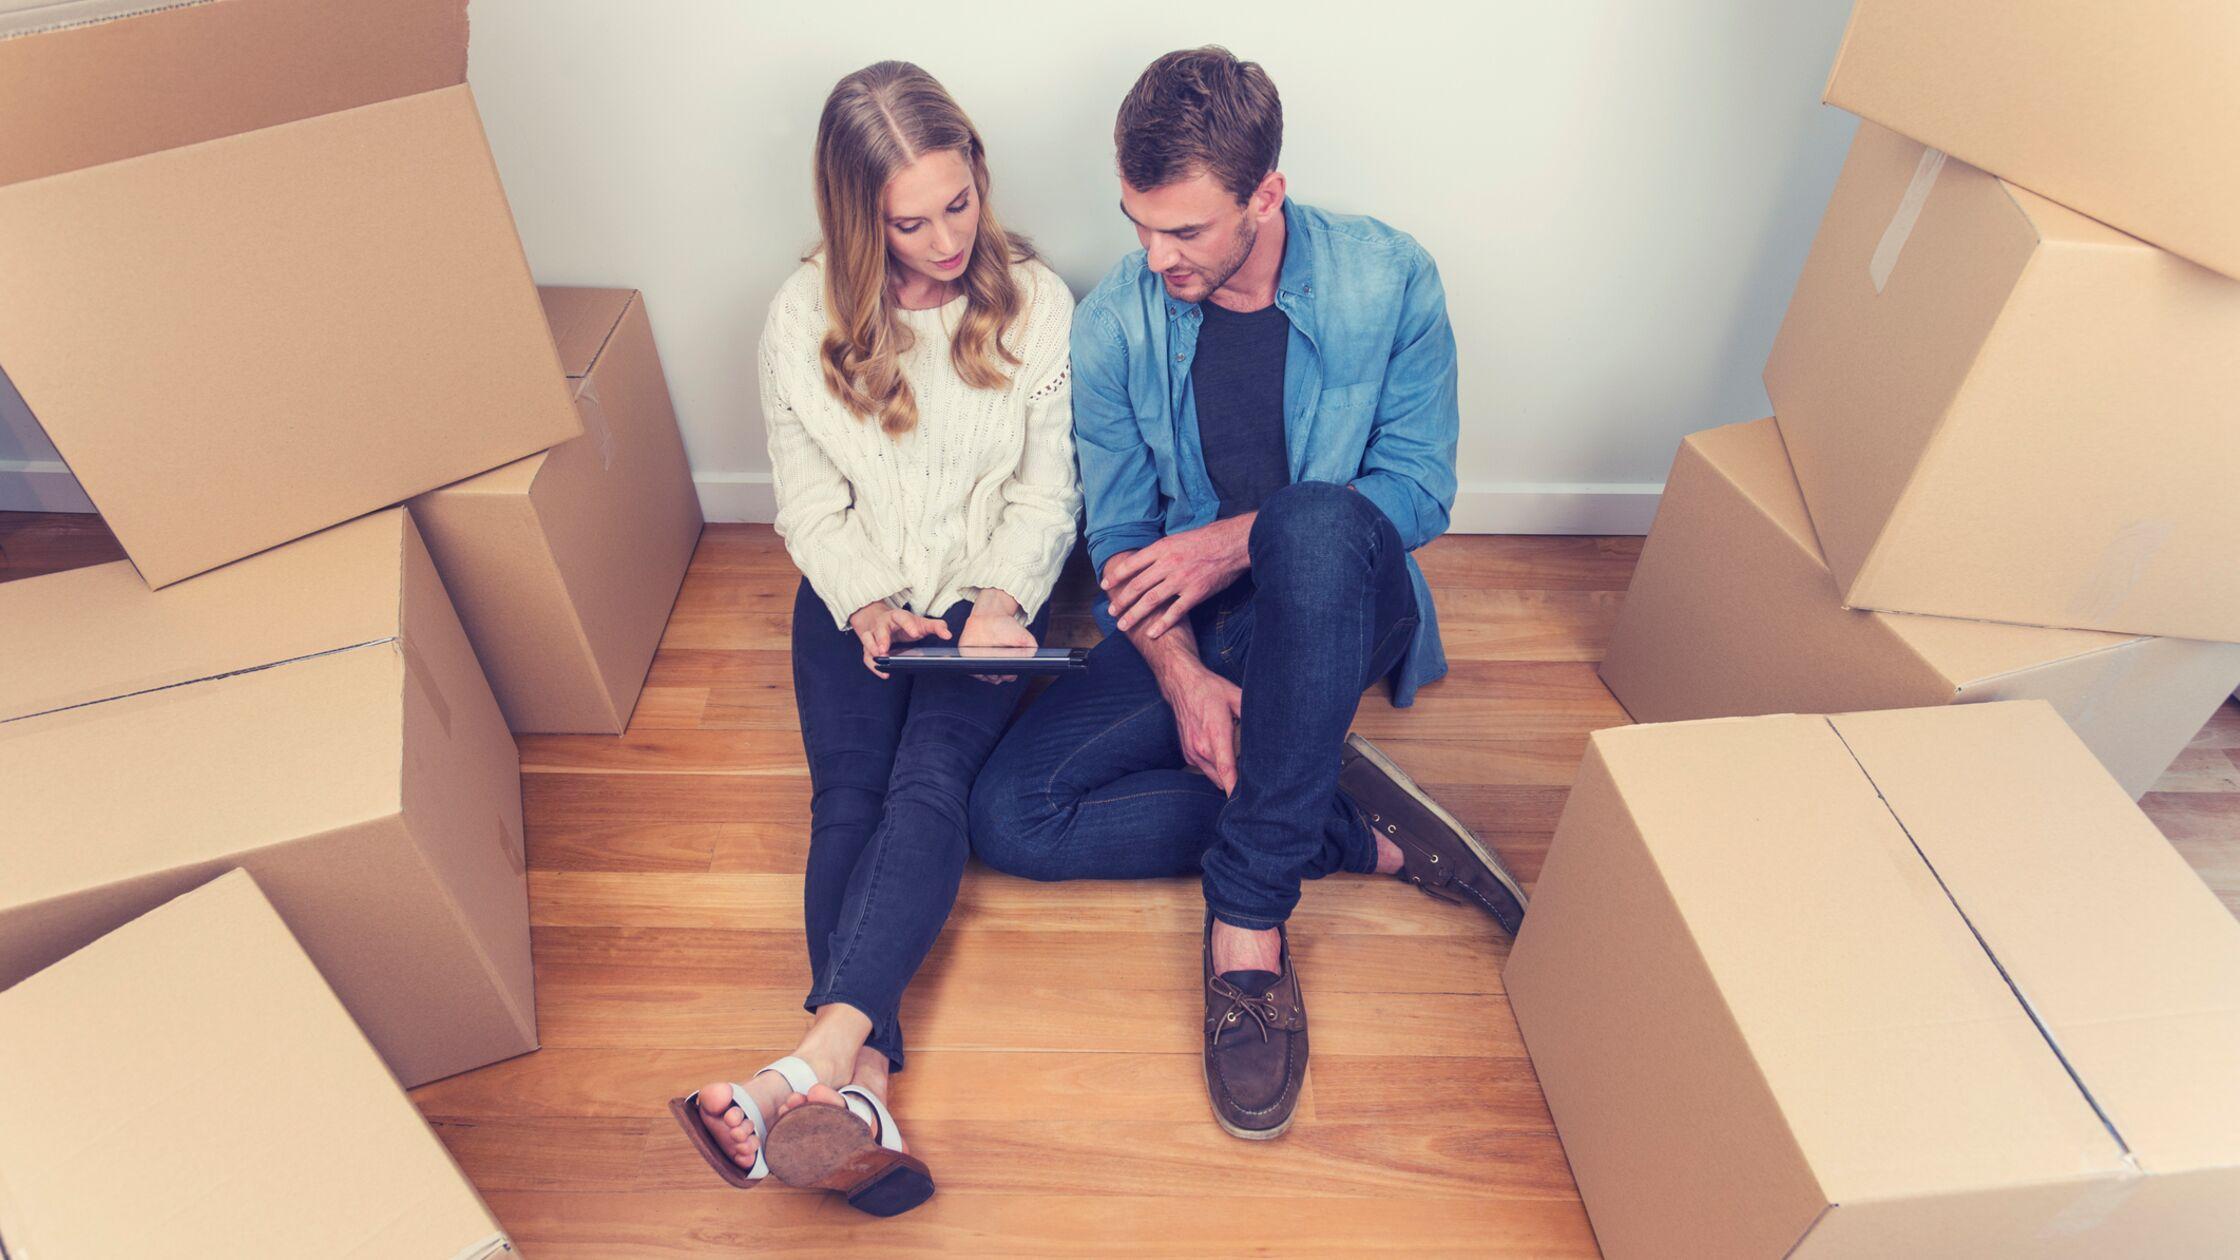 Wohnungsübergabe beim Auszug: Rechte & Pflichten als Mieter